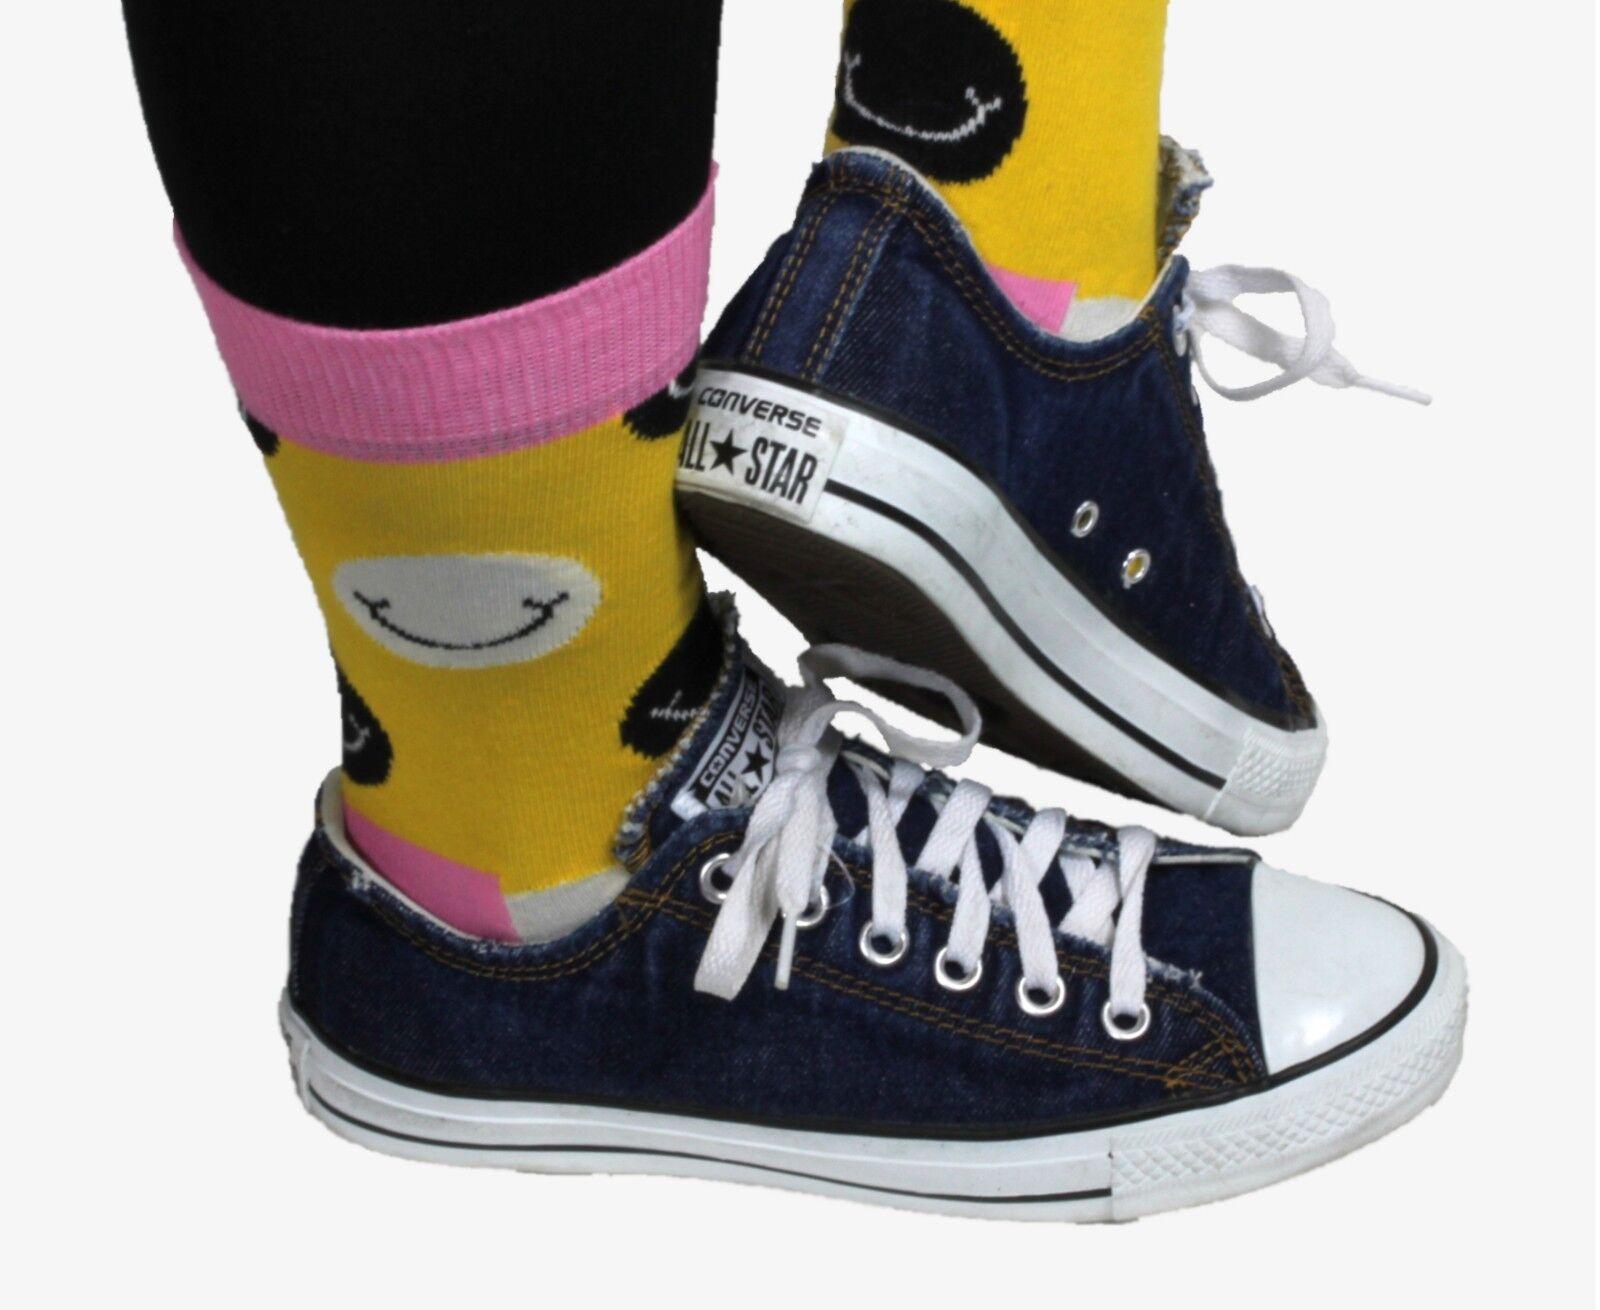 Converse All Star zapatillas de deporte cortos low top unisex vaqueros vaqueros unisex señora caballero zapato 39 4dafa3